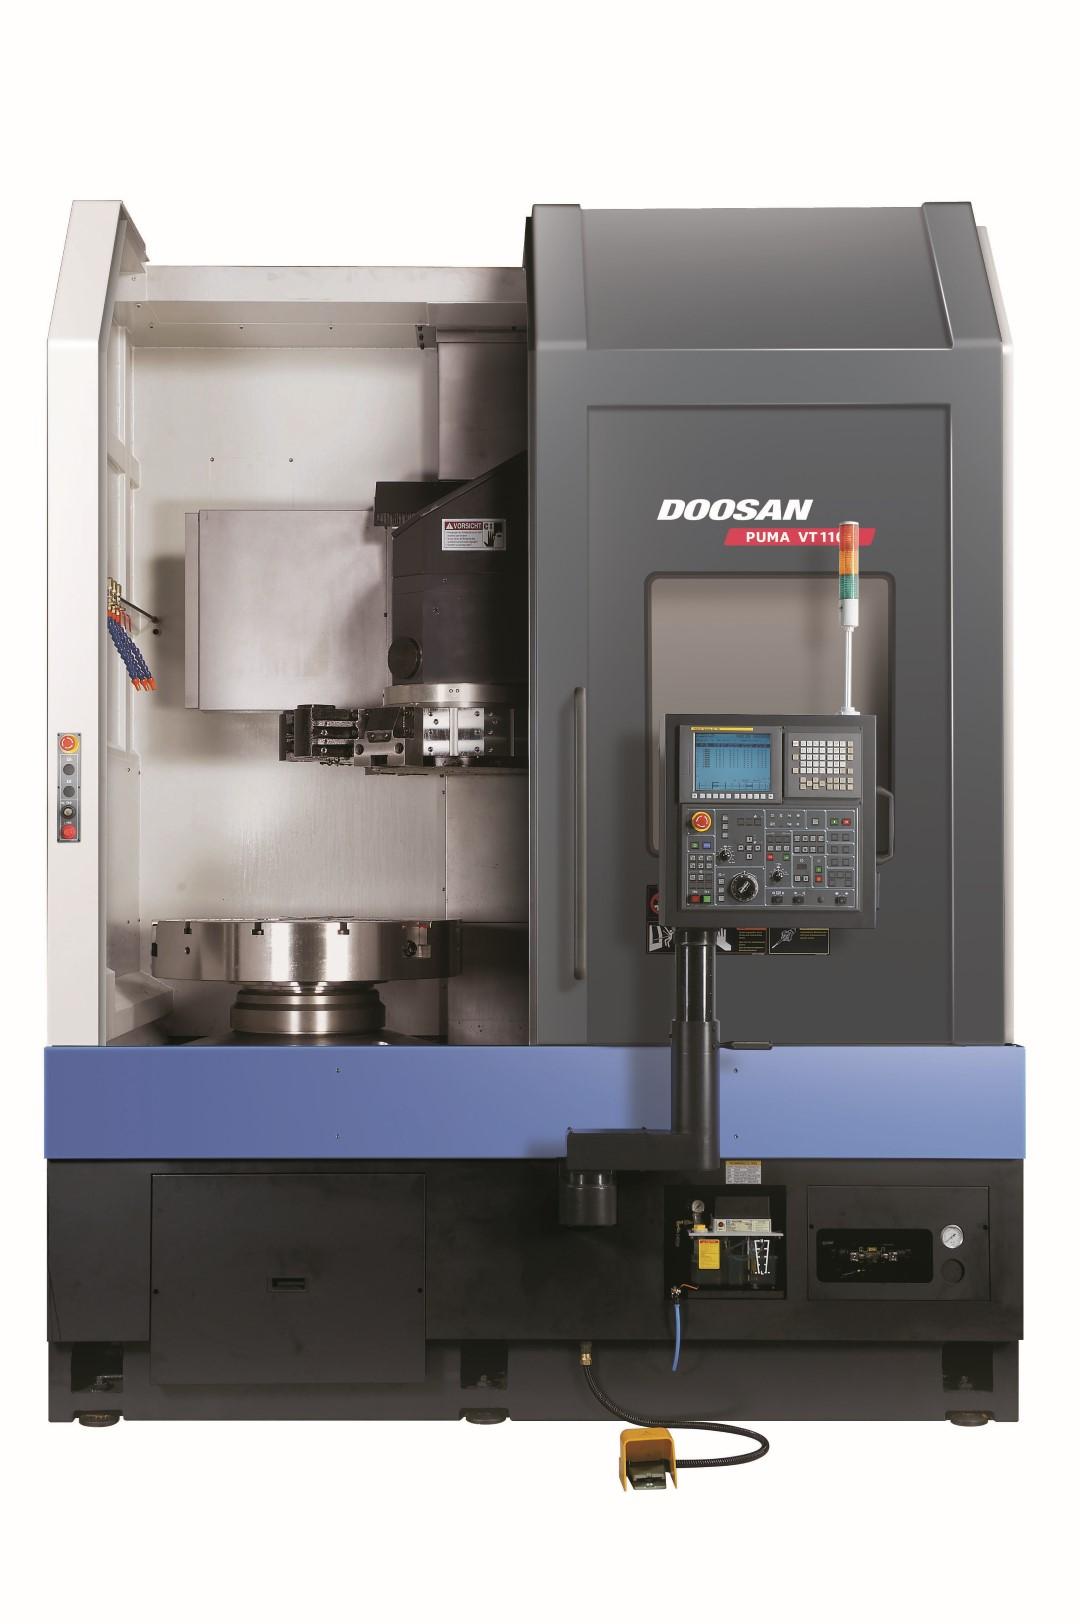 Doosan PUMA VT1100